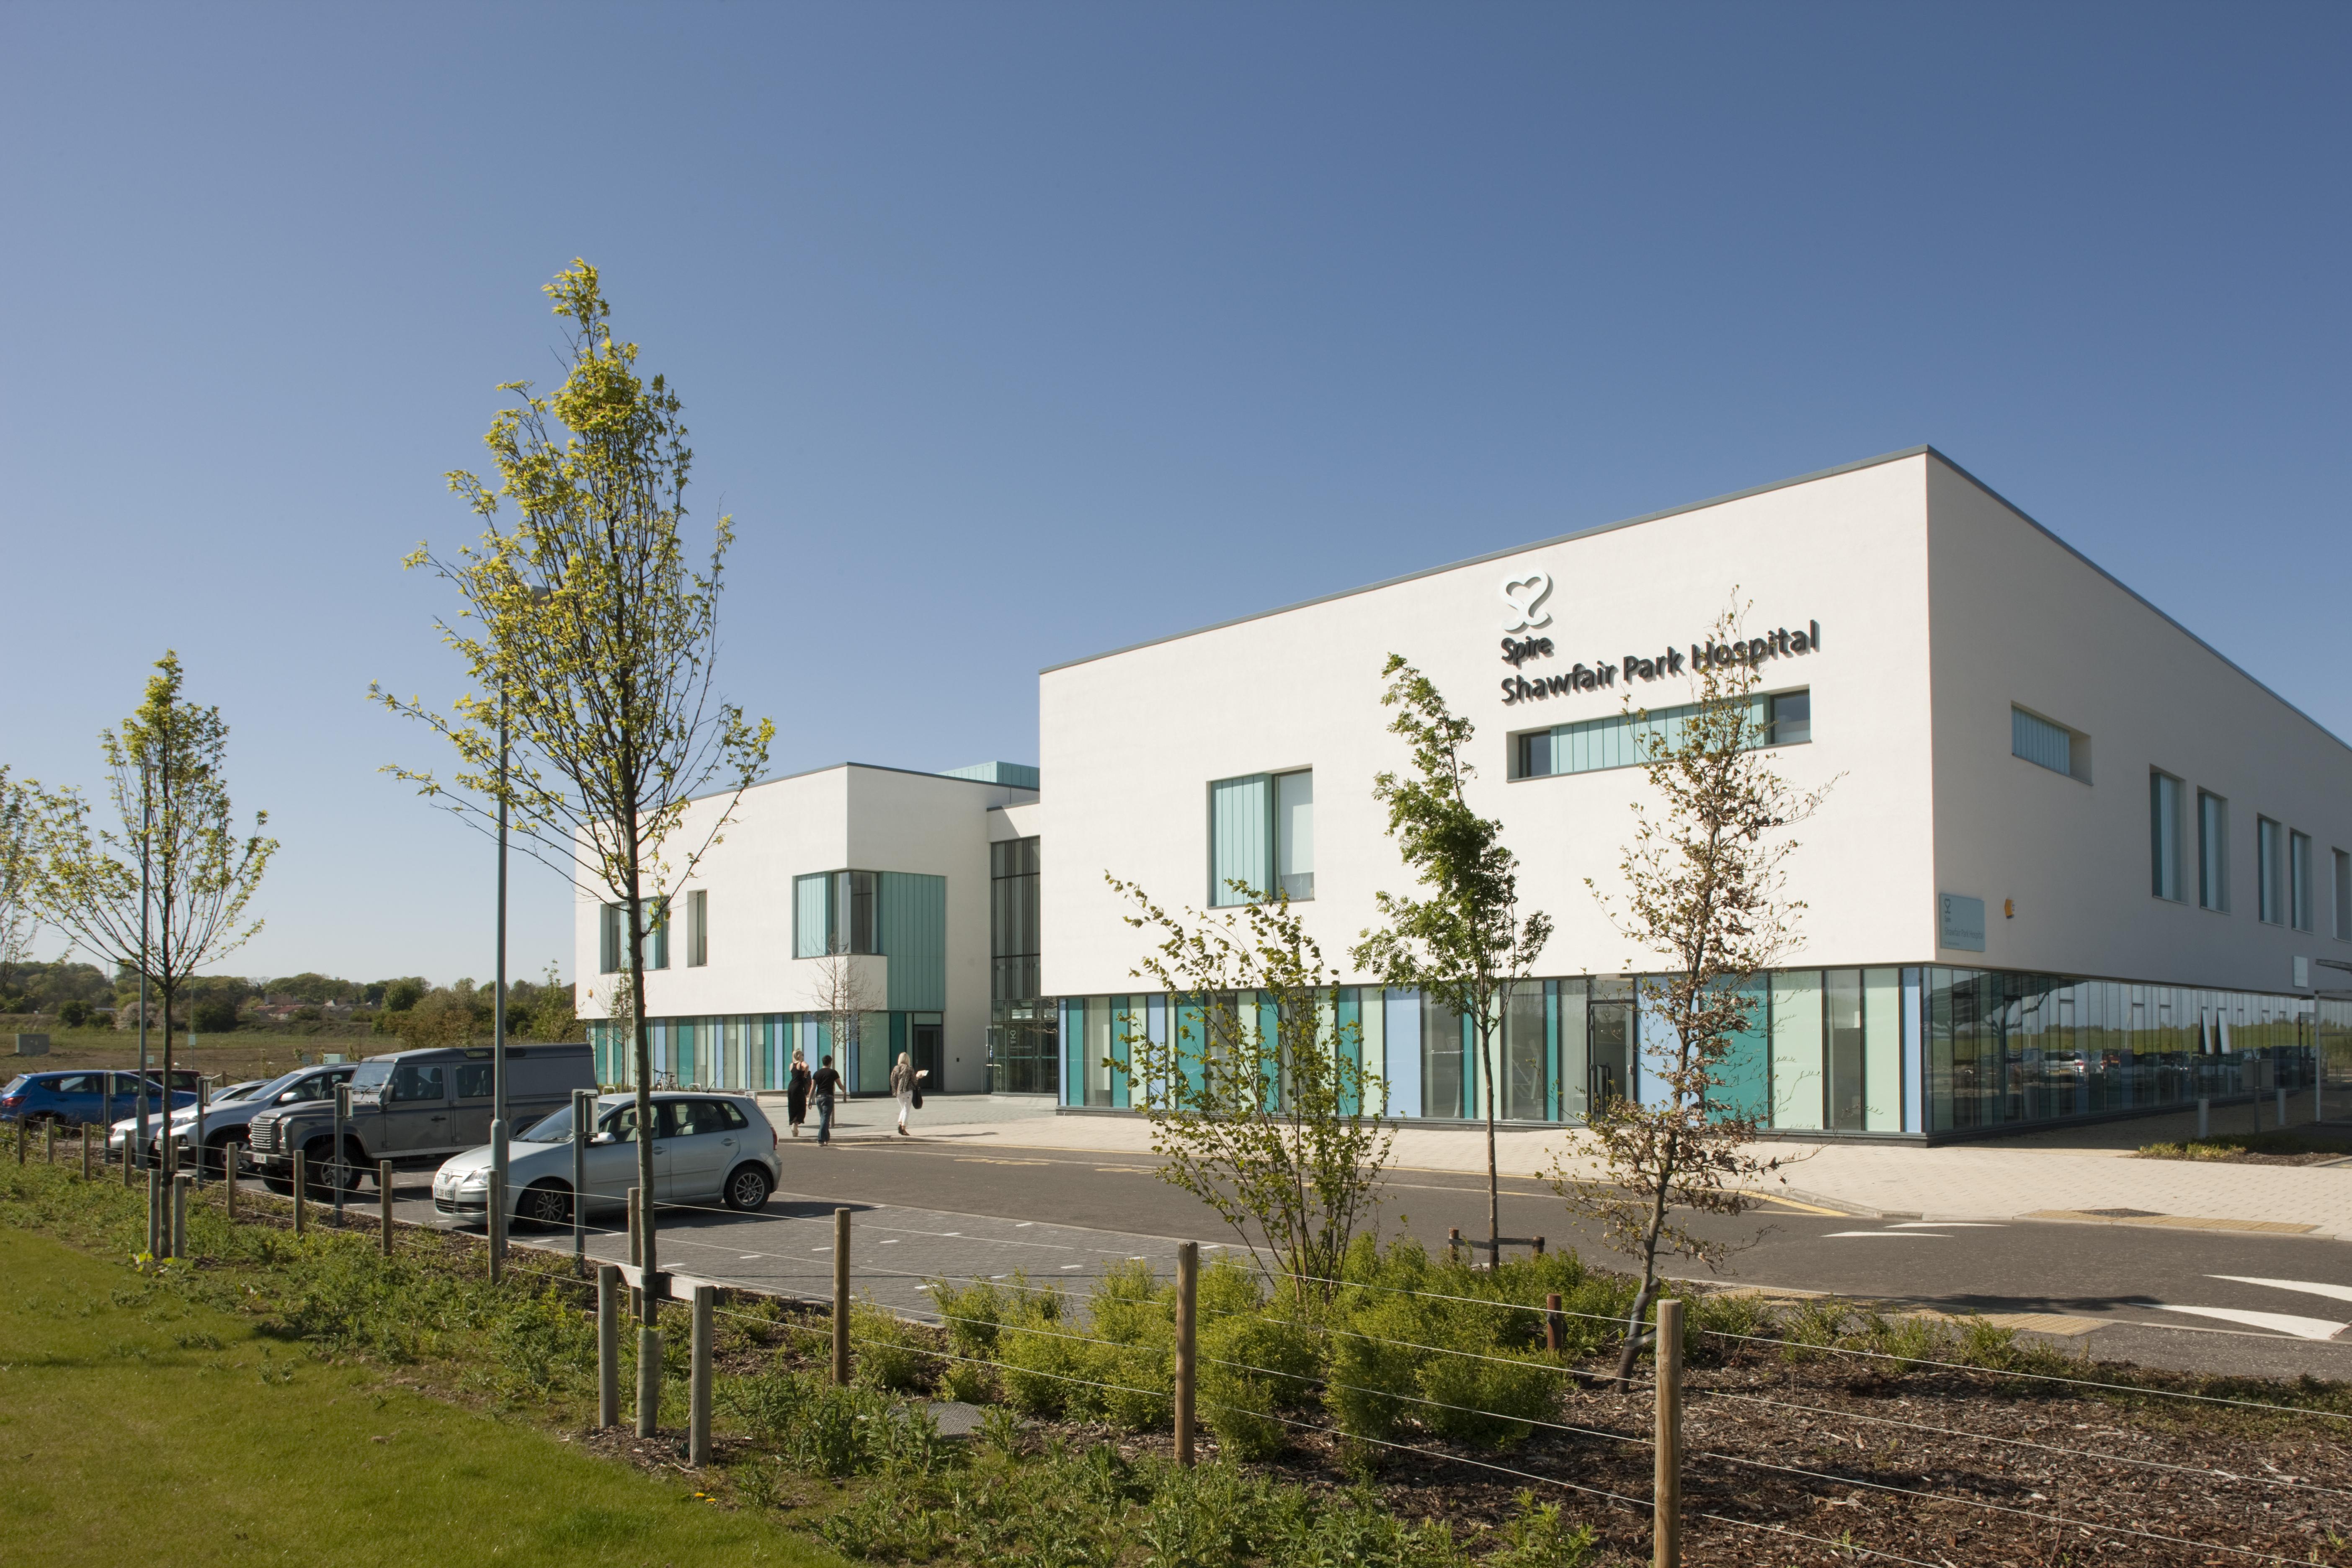 Office Dalkeith, EH22 1FD - Shawfair Park